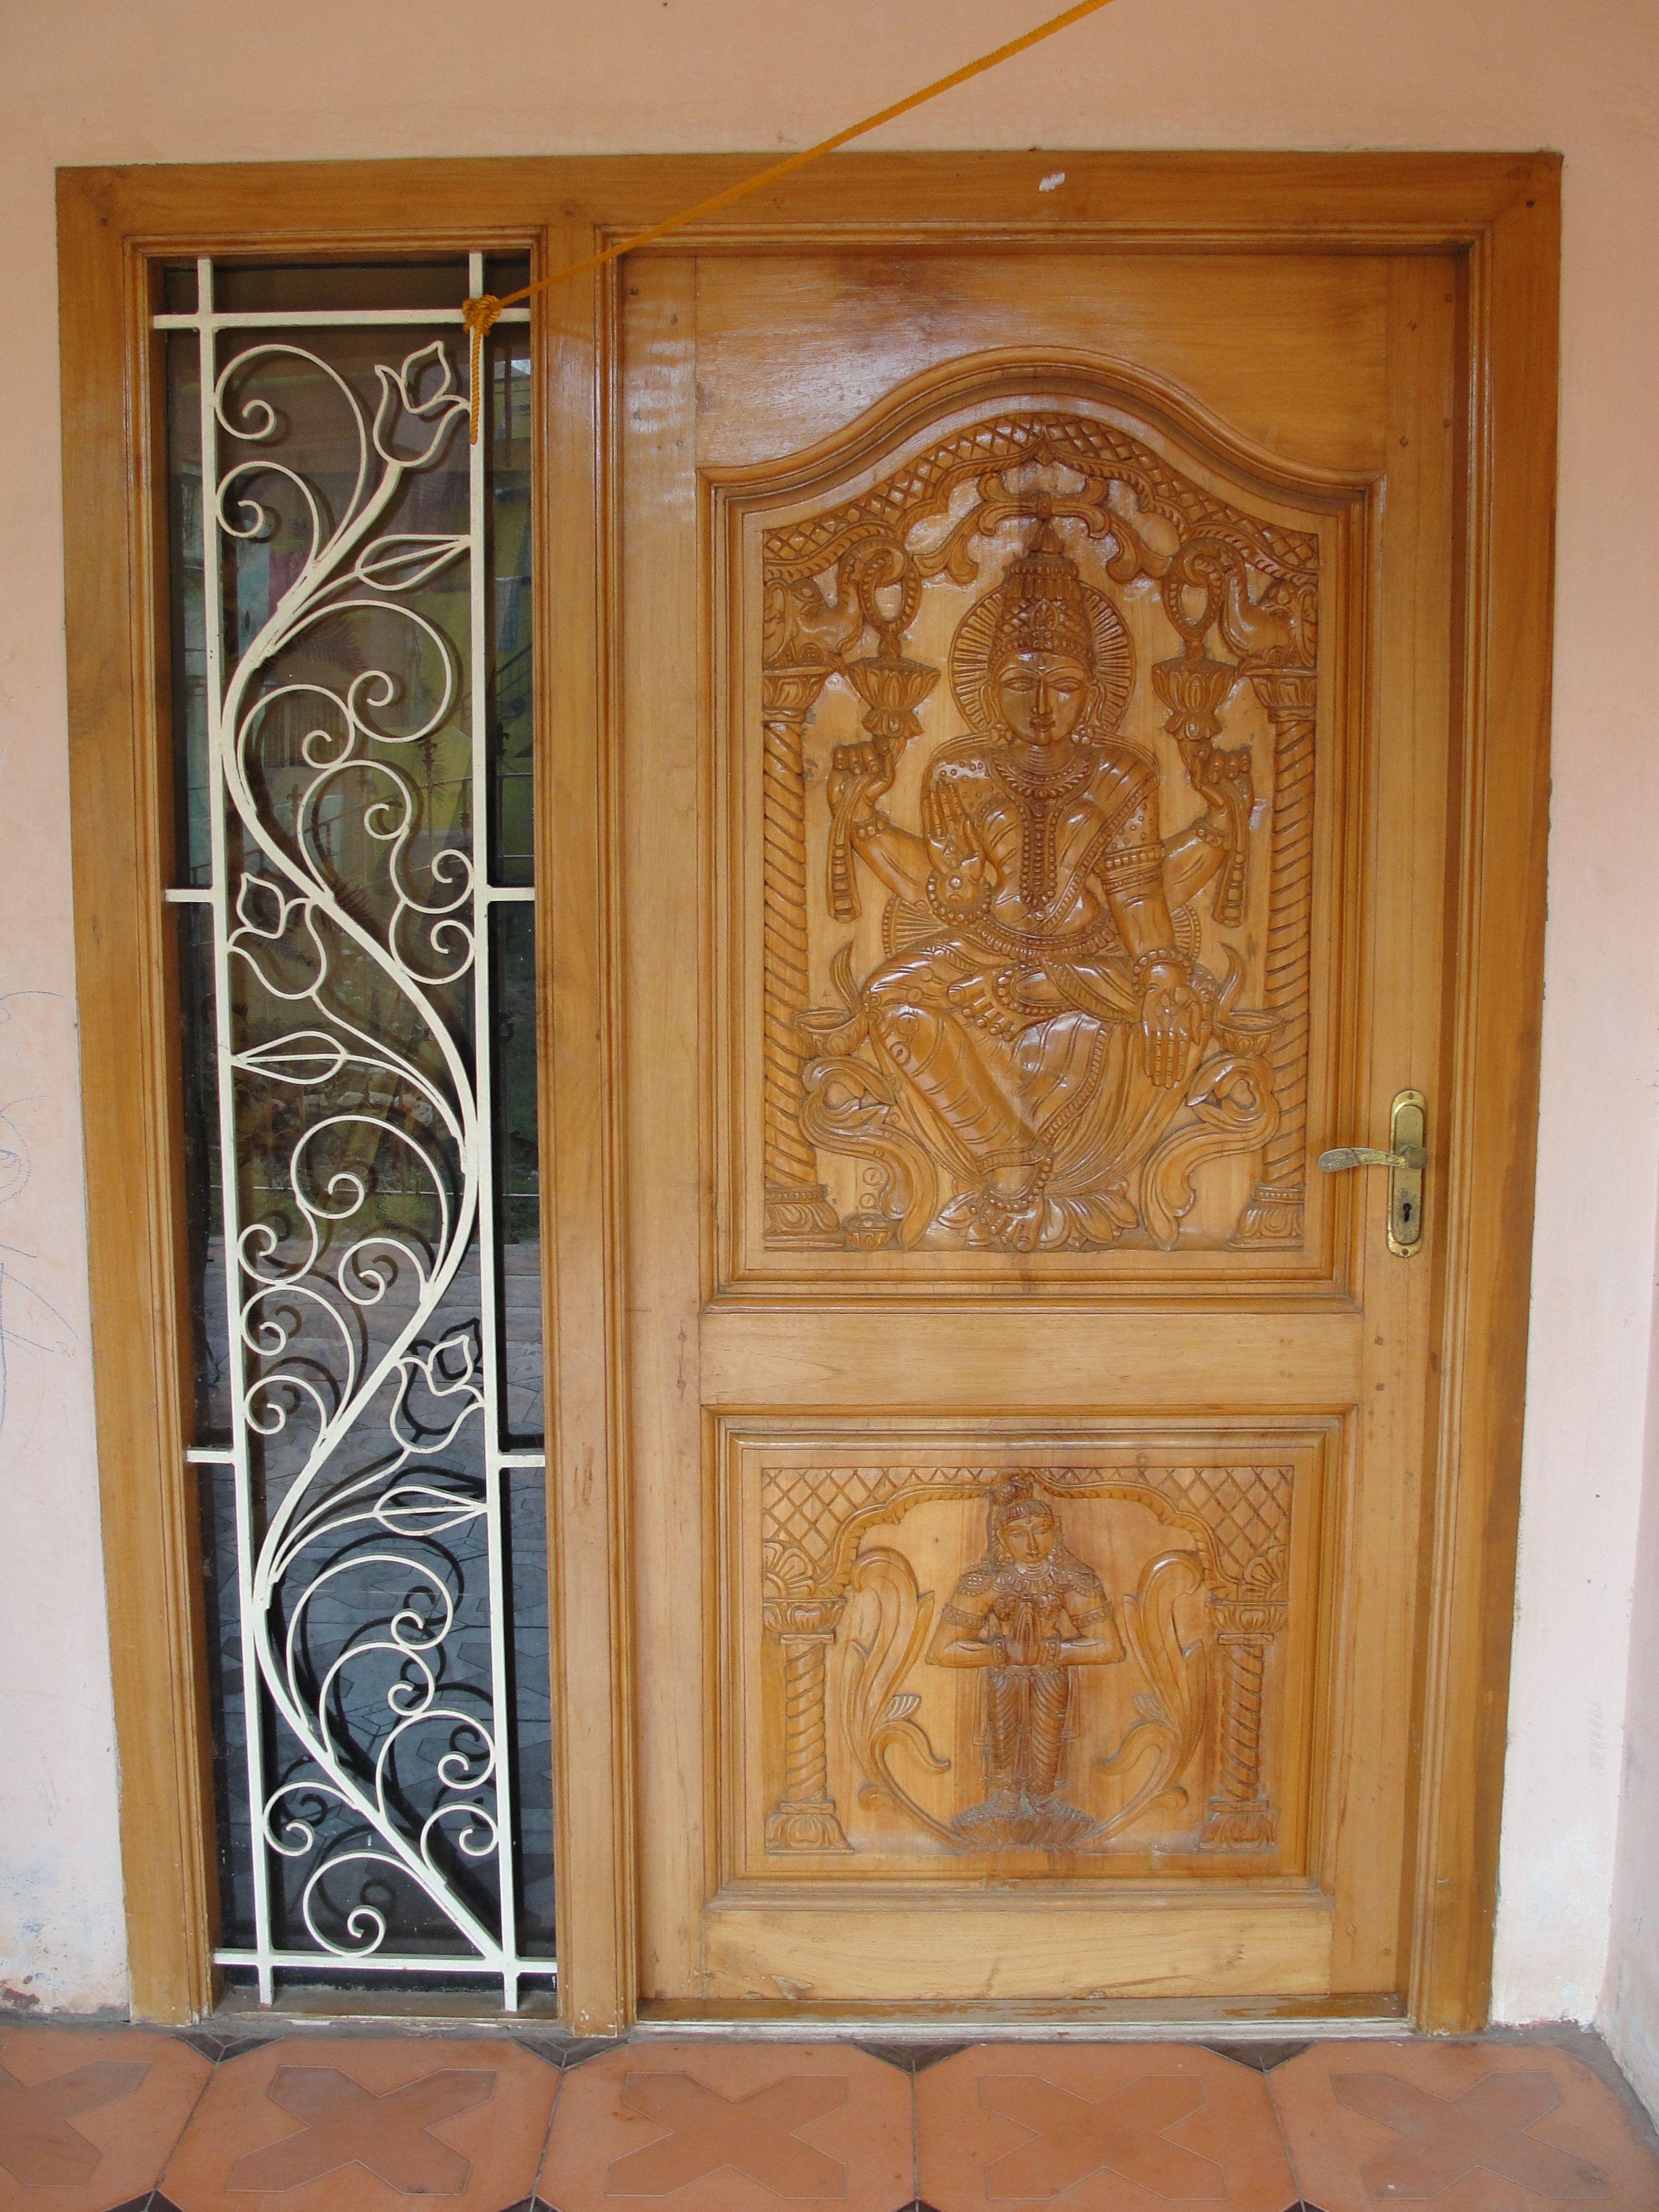 Filean Ornamental Door In Tamil Nadujpg Wikimedia Mons